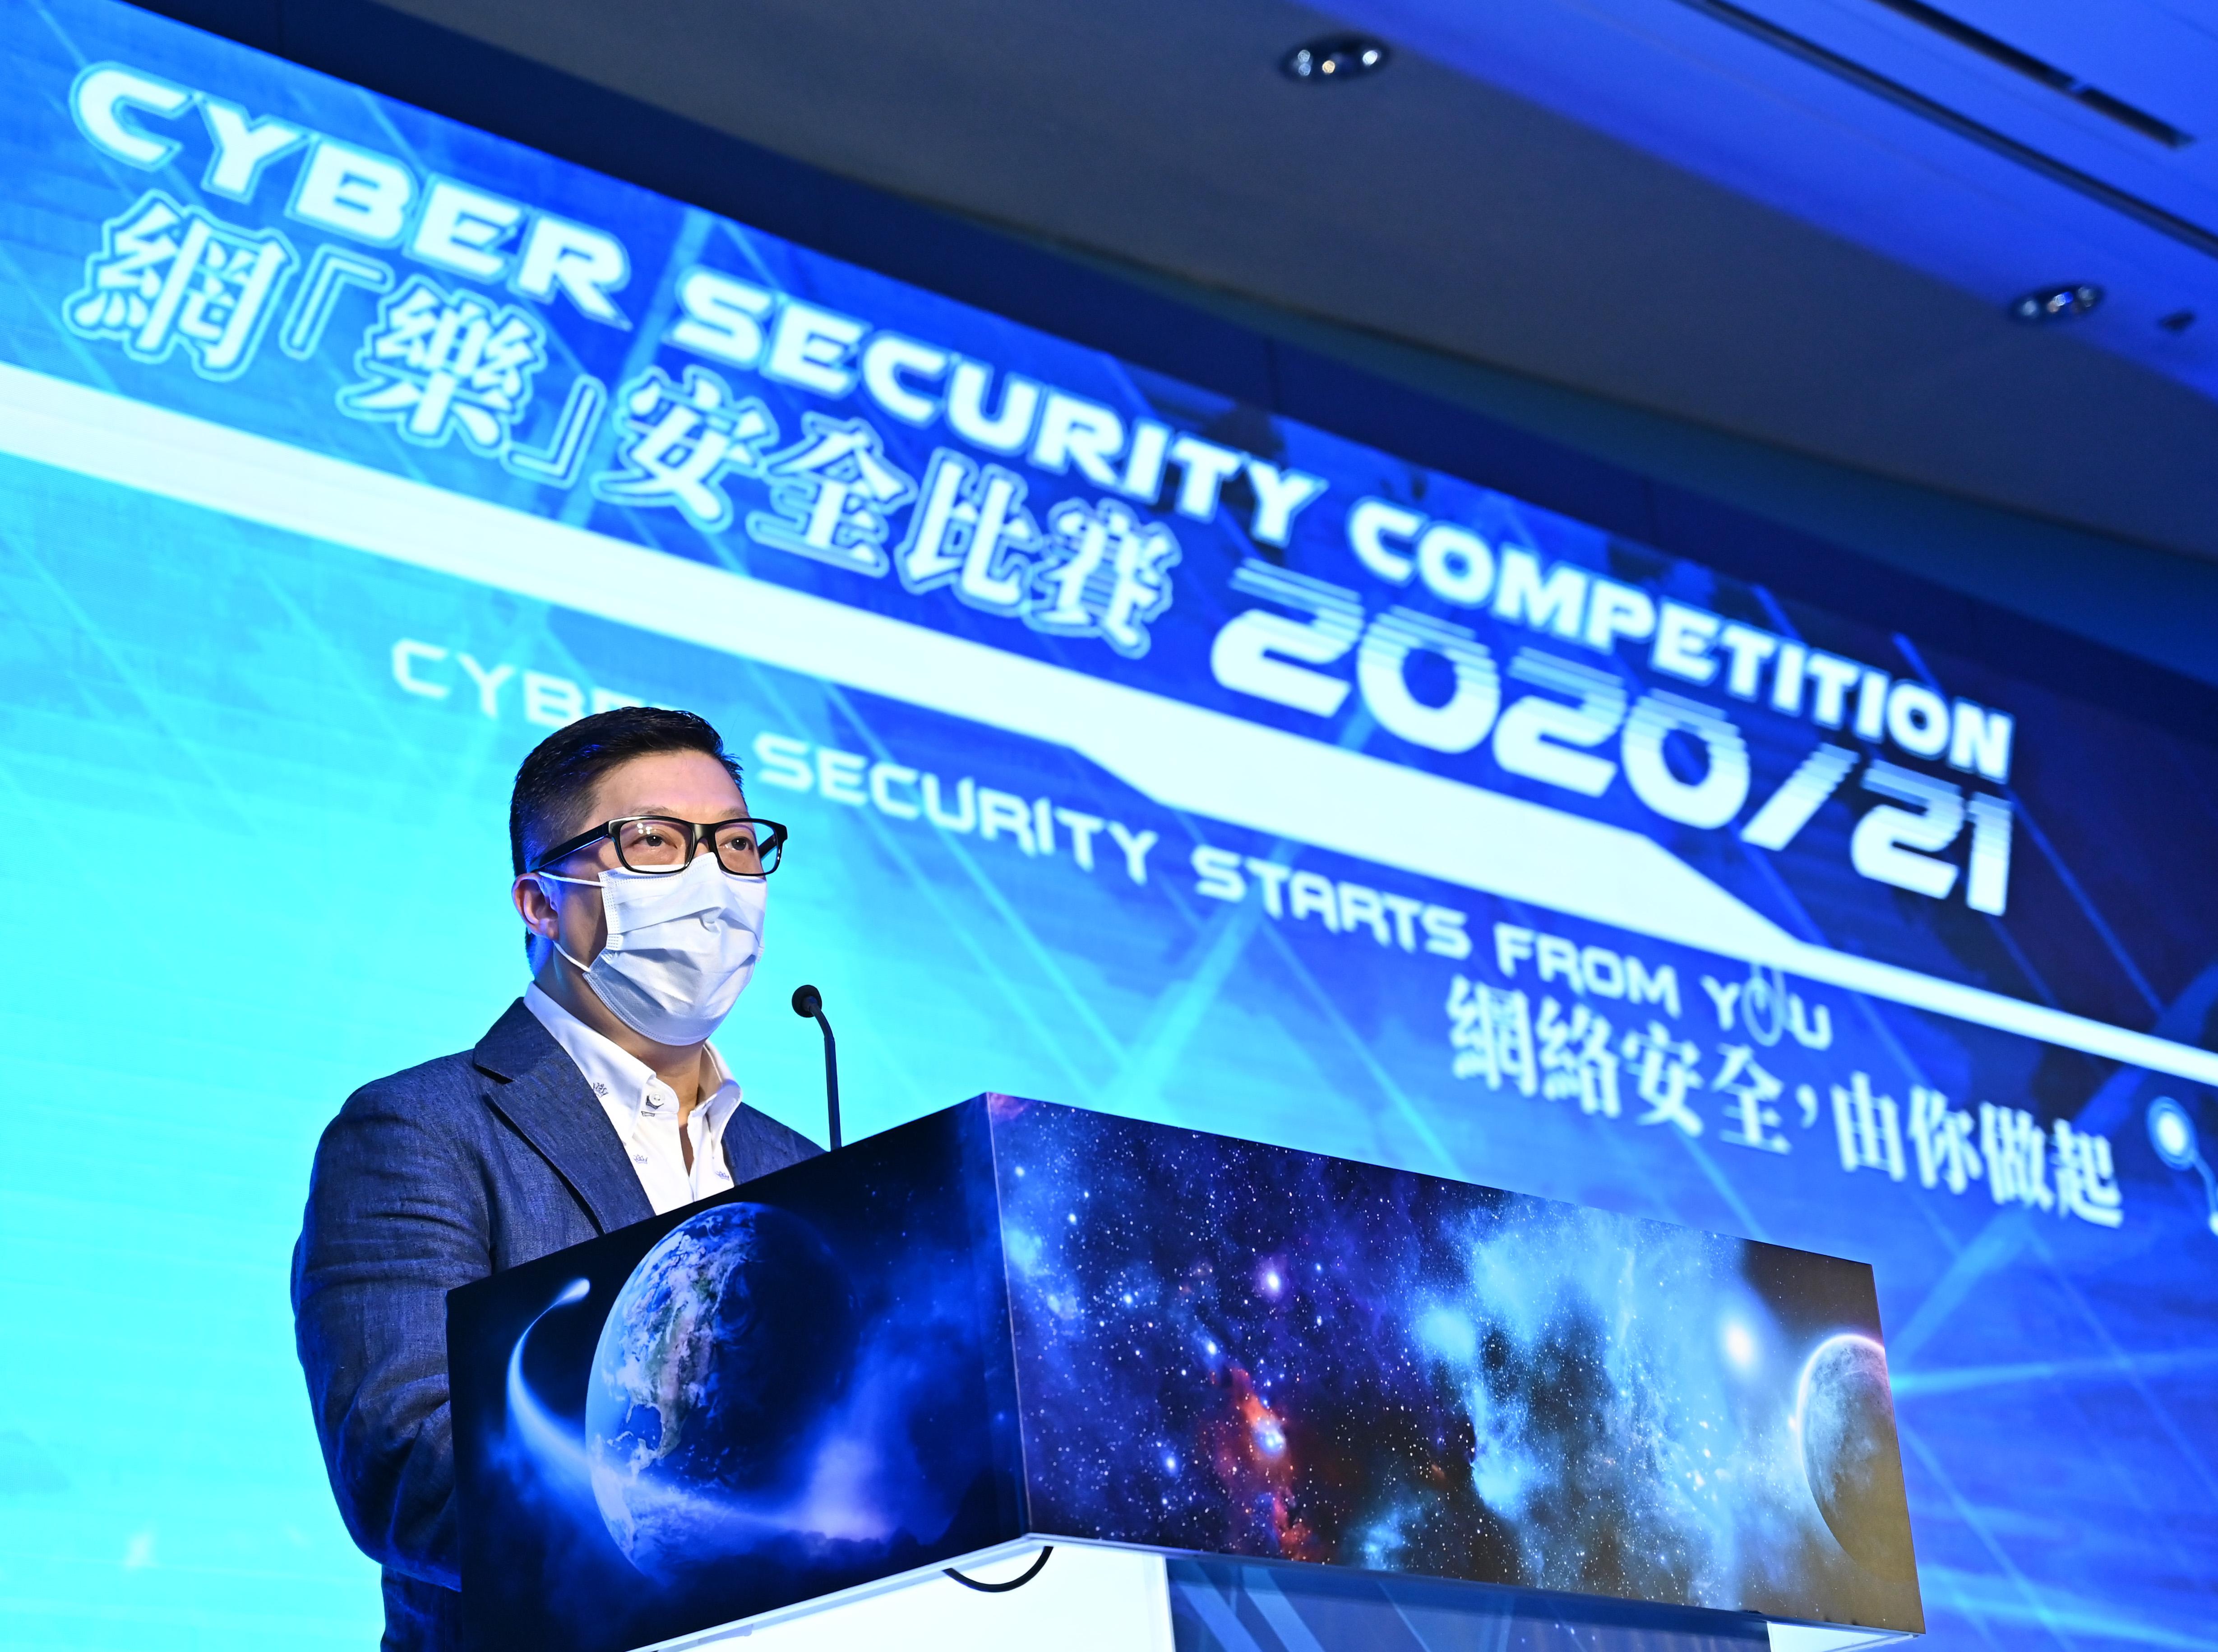 警方辦網絡安全比賽 有1.2萬人參與